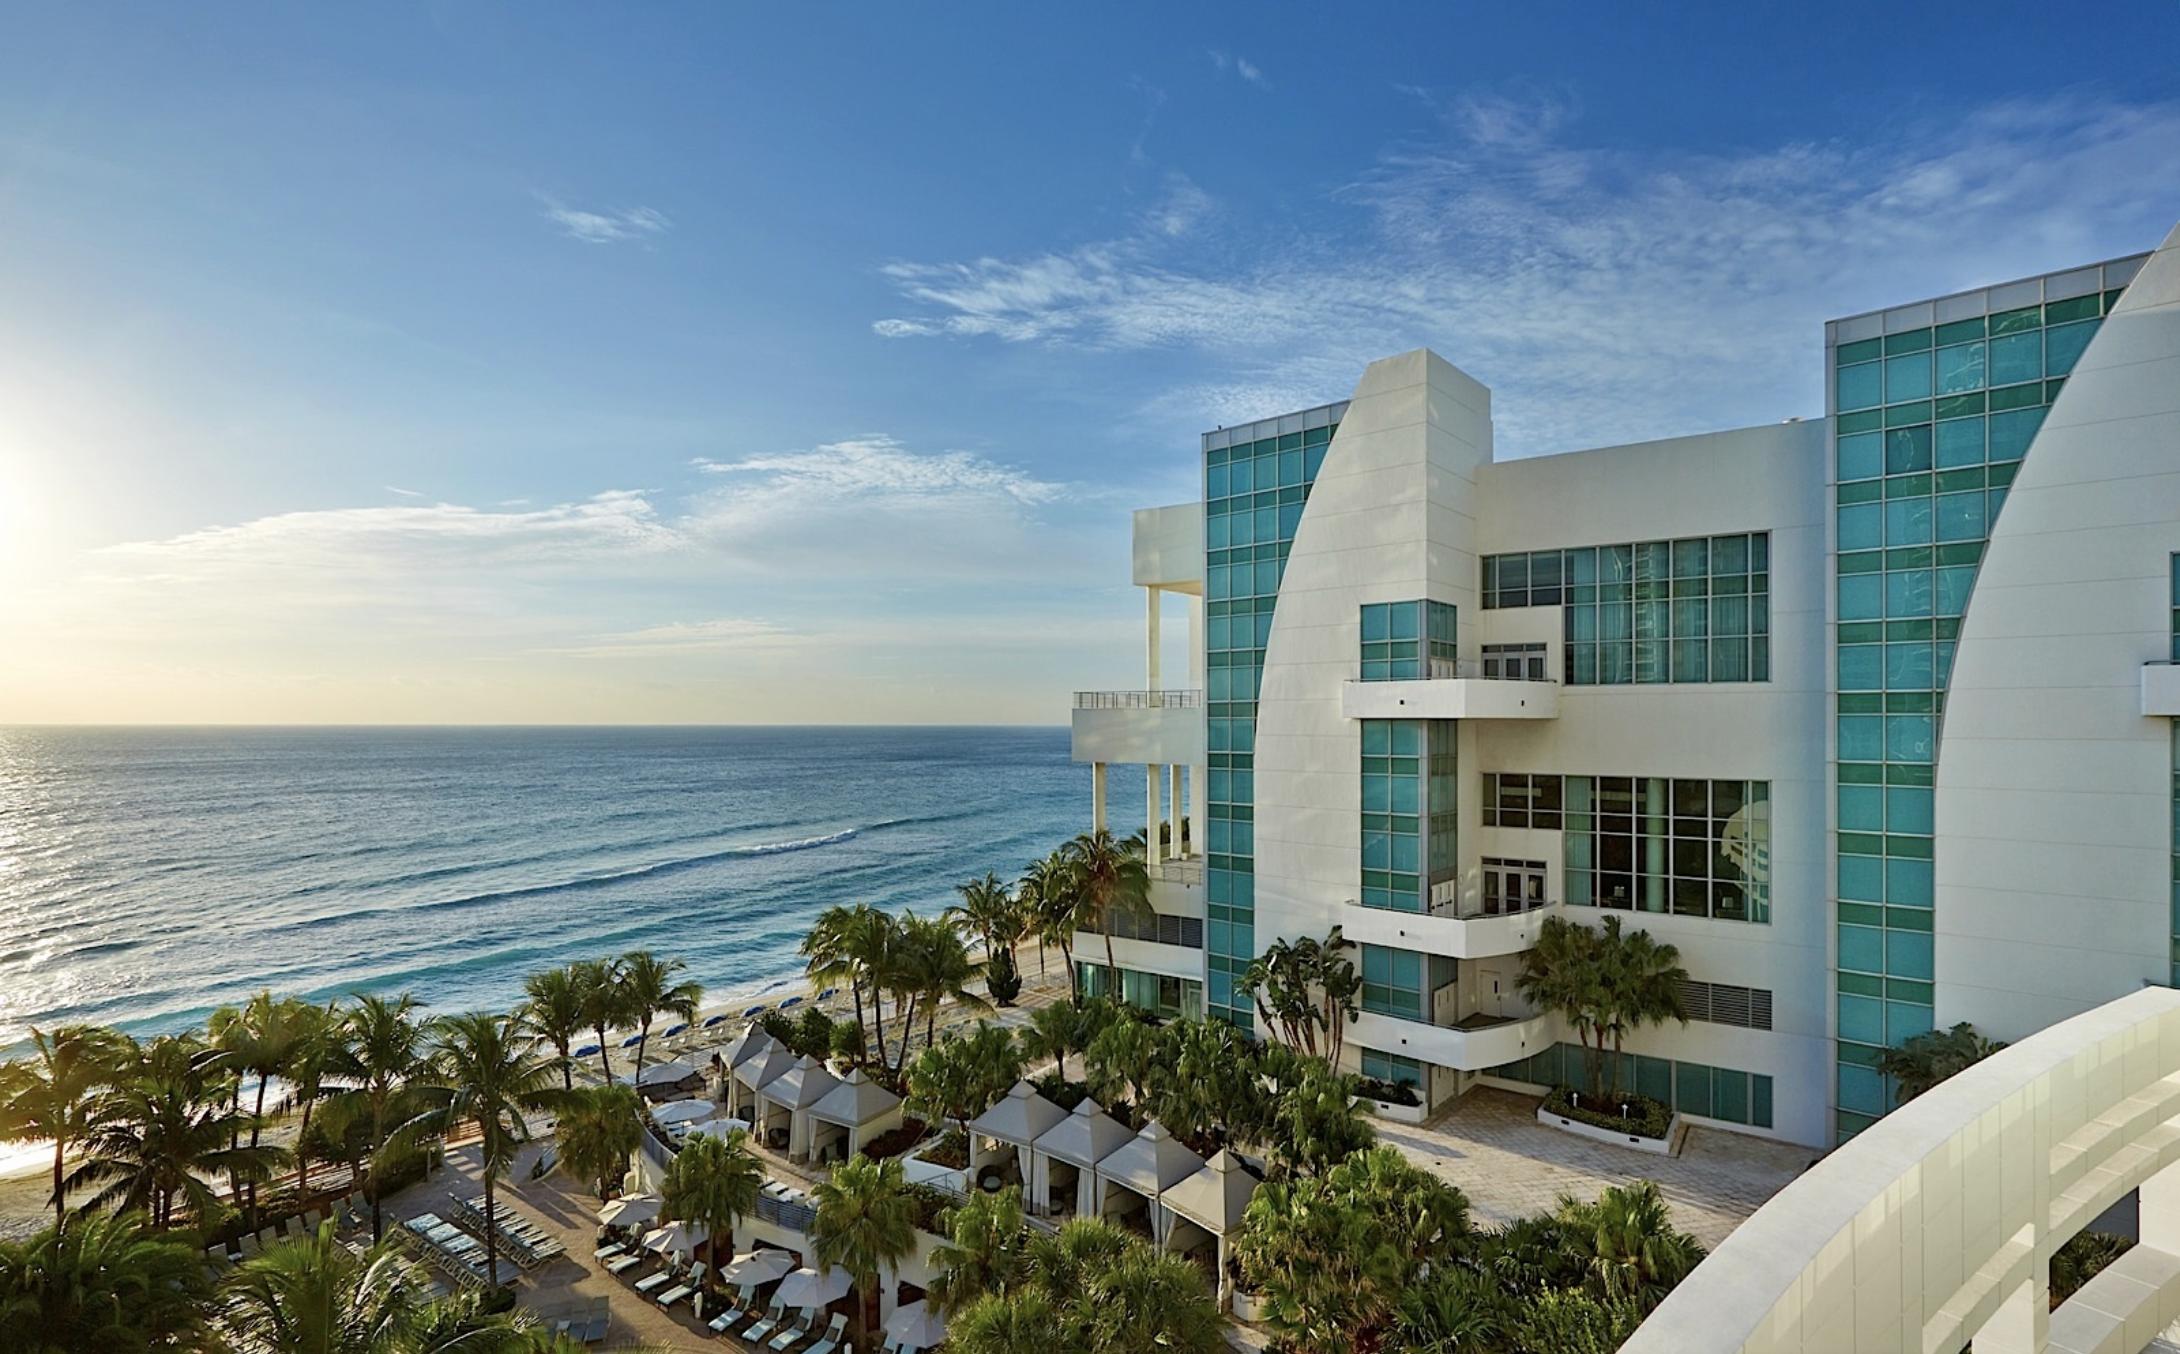 Property-Exterior-Beach-view-2-_8A3D6F6F-6EA3-42EB-BEBDE1B0ECF3A4A4_4c9f1137-633c-456a-b56f33545f03b8cb.jpg